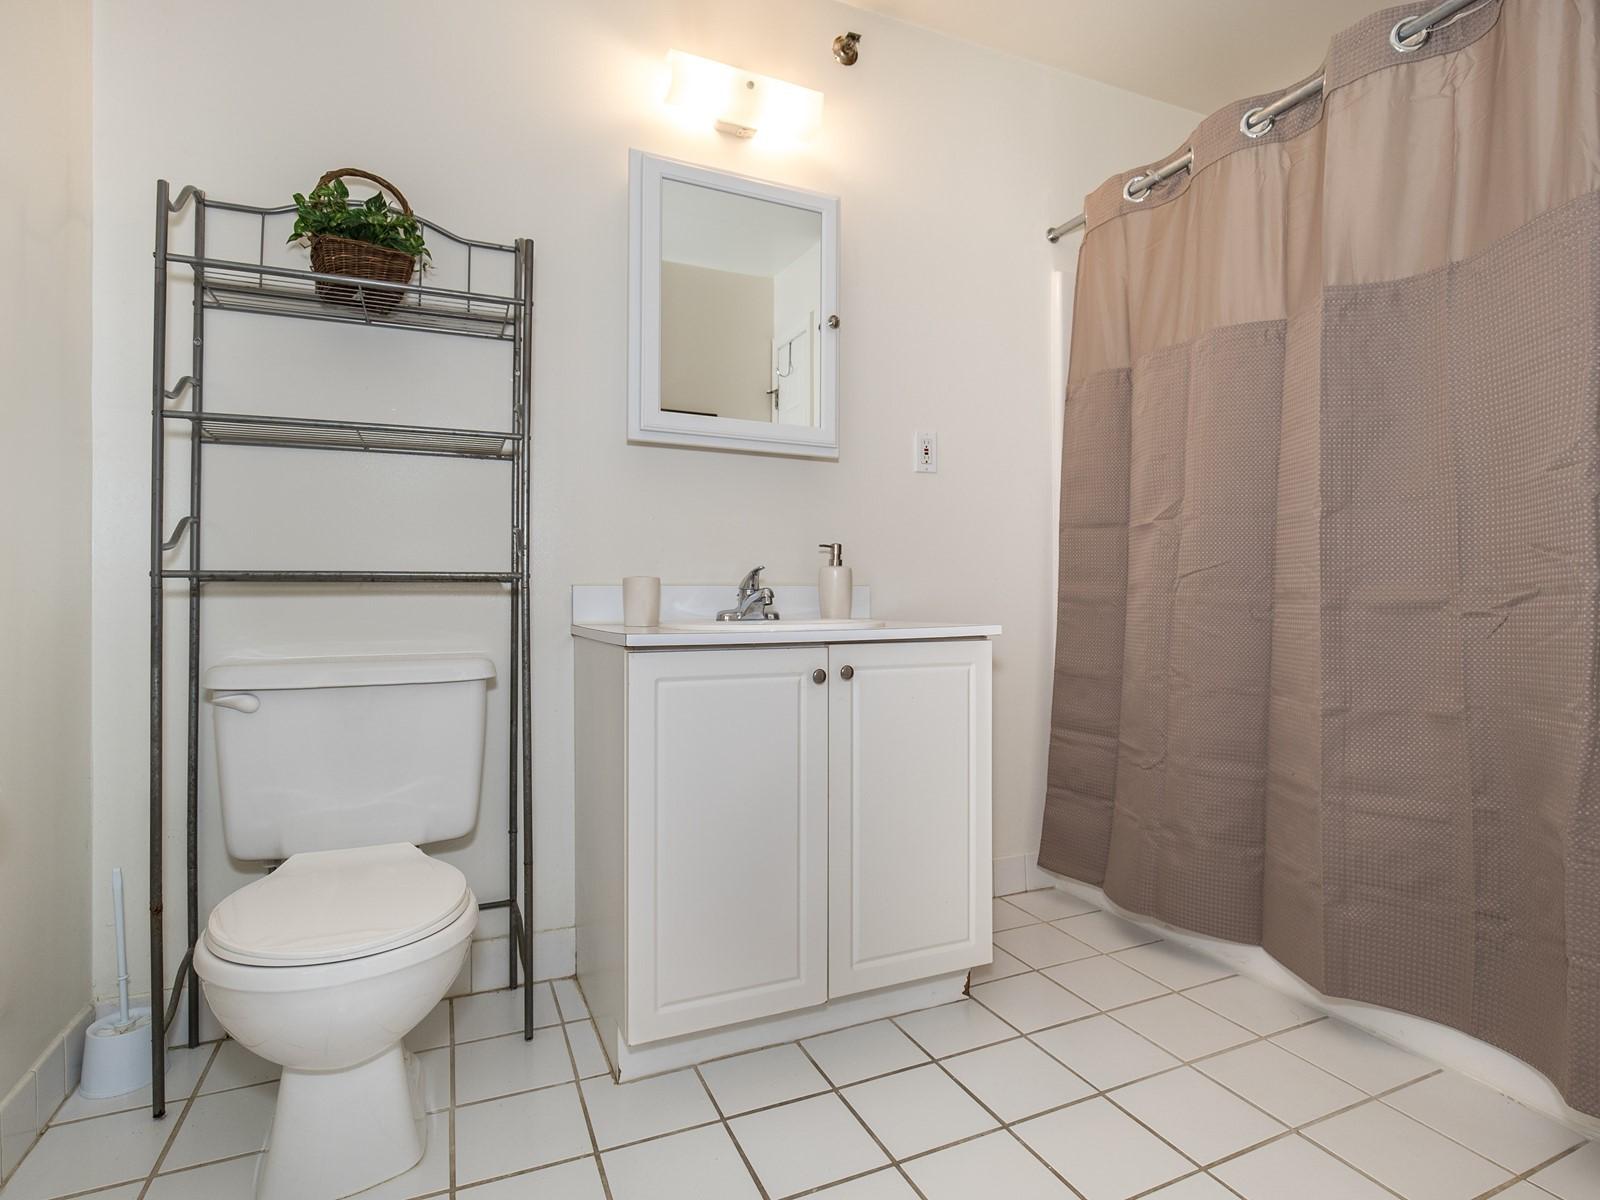 6_FurnishedRental_SouthPlainfield-713_Bathroom